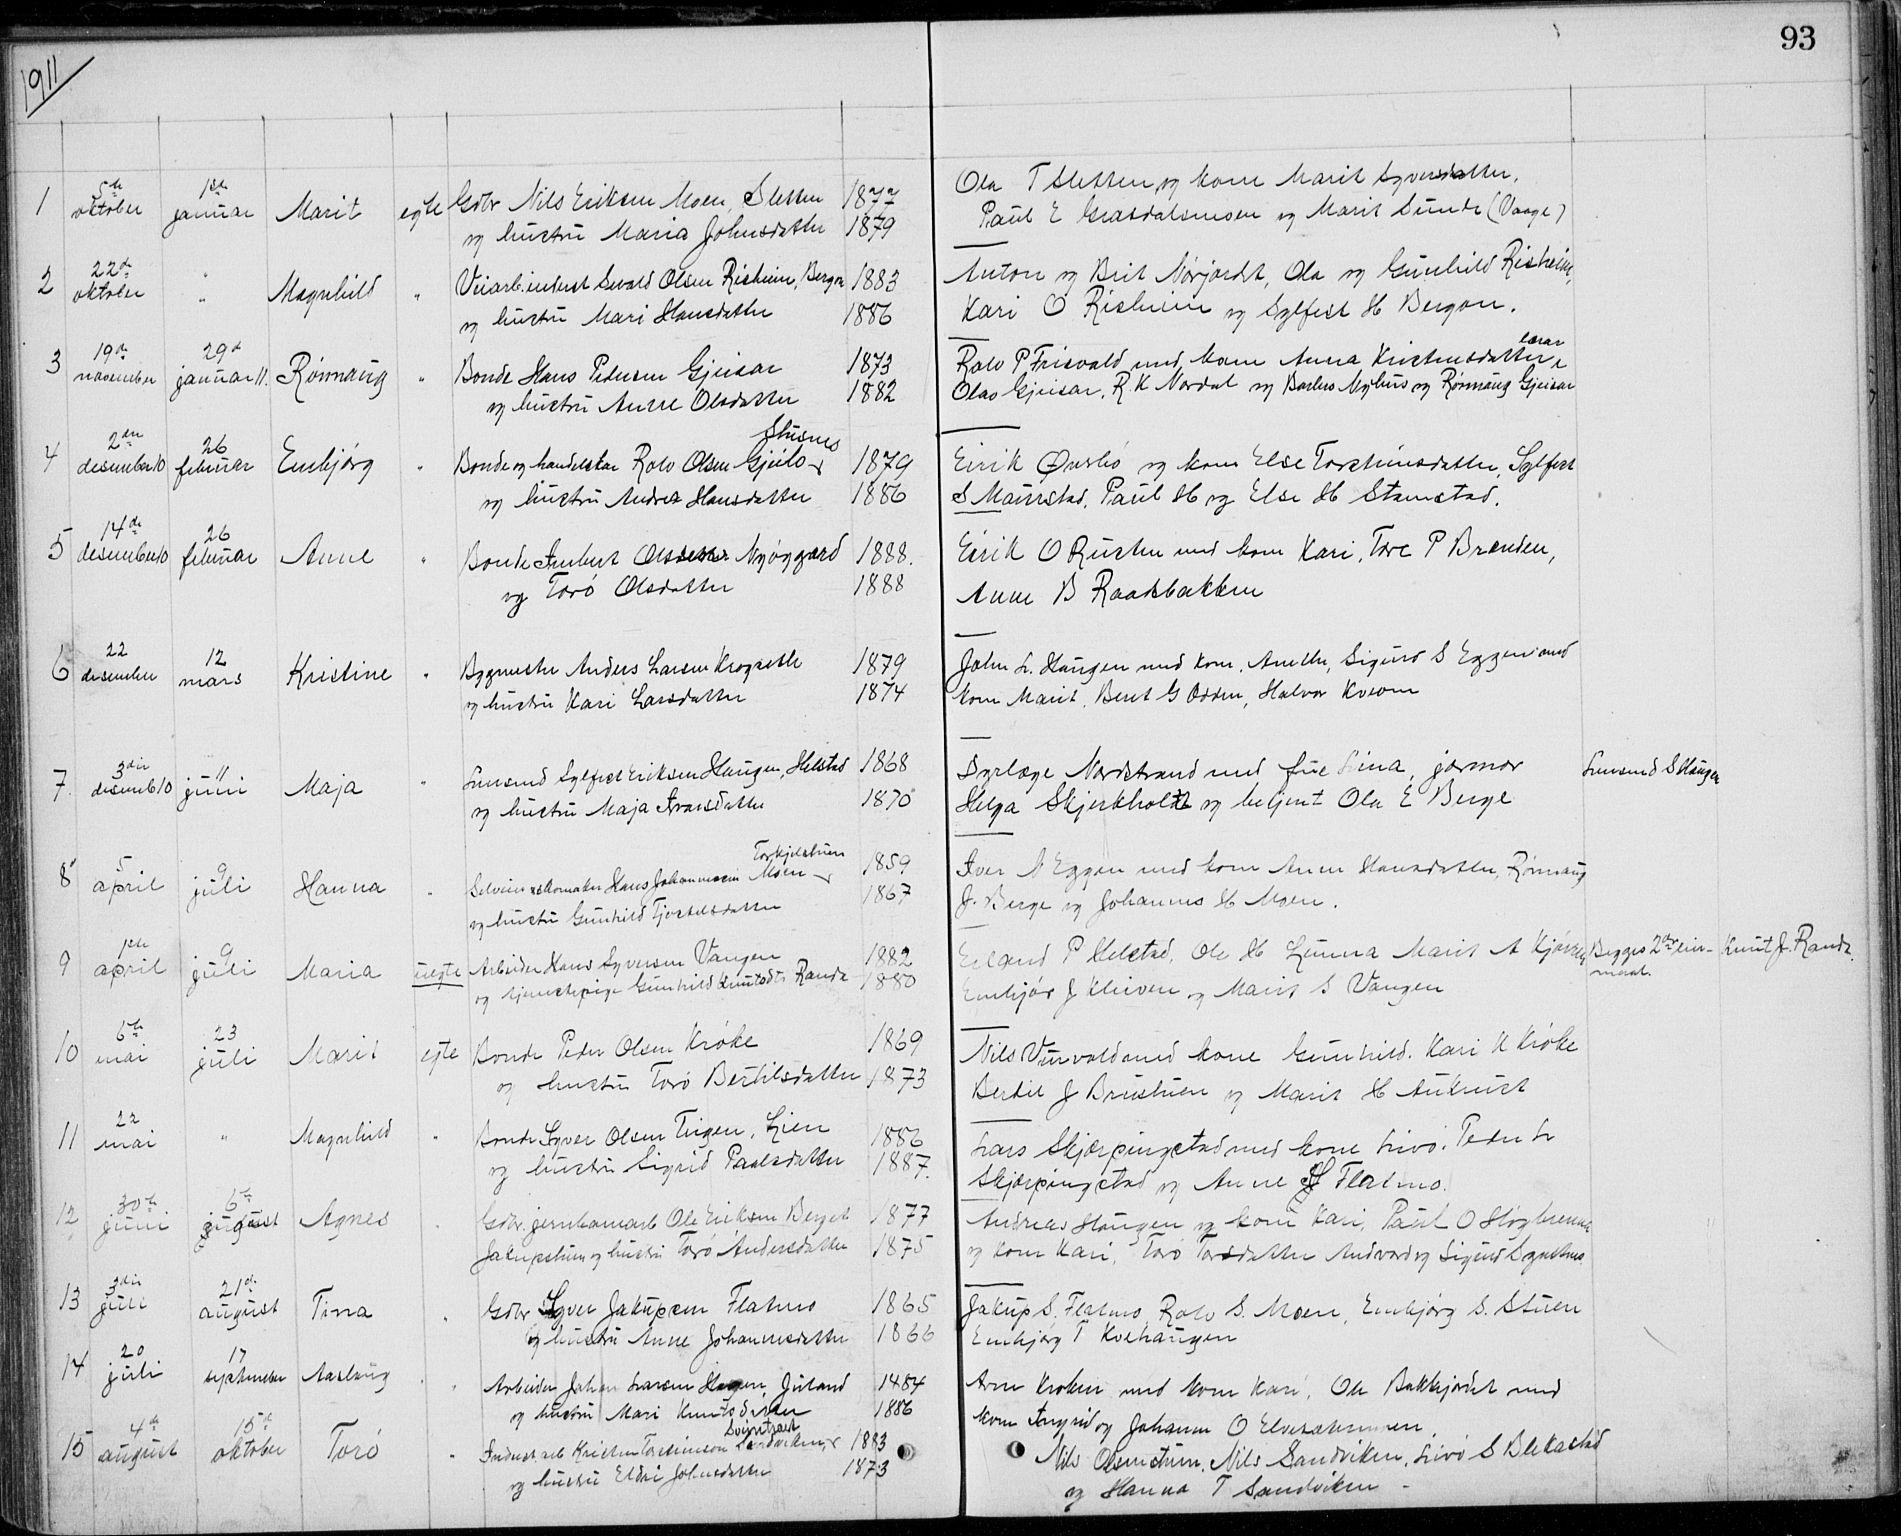 SAH, Lom prestekontor, L/L0013: Klokkerbok nr. 13, 1874-1938, s. 93